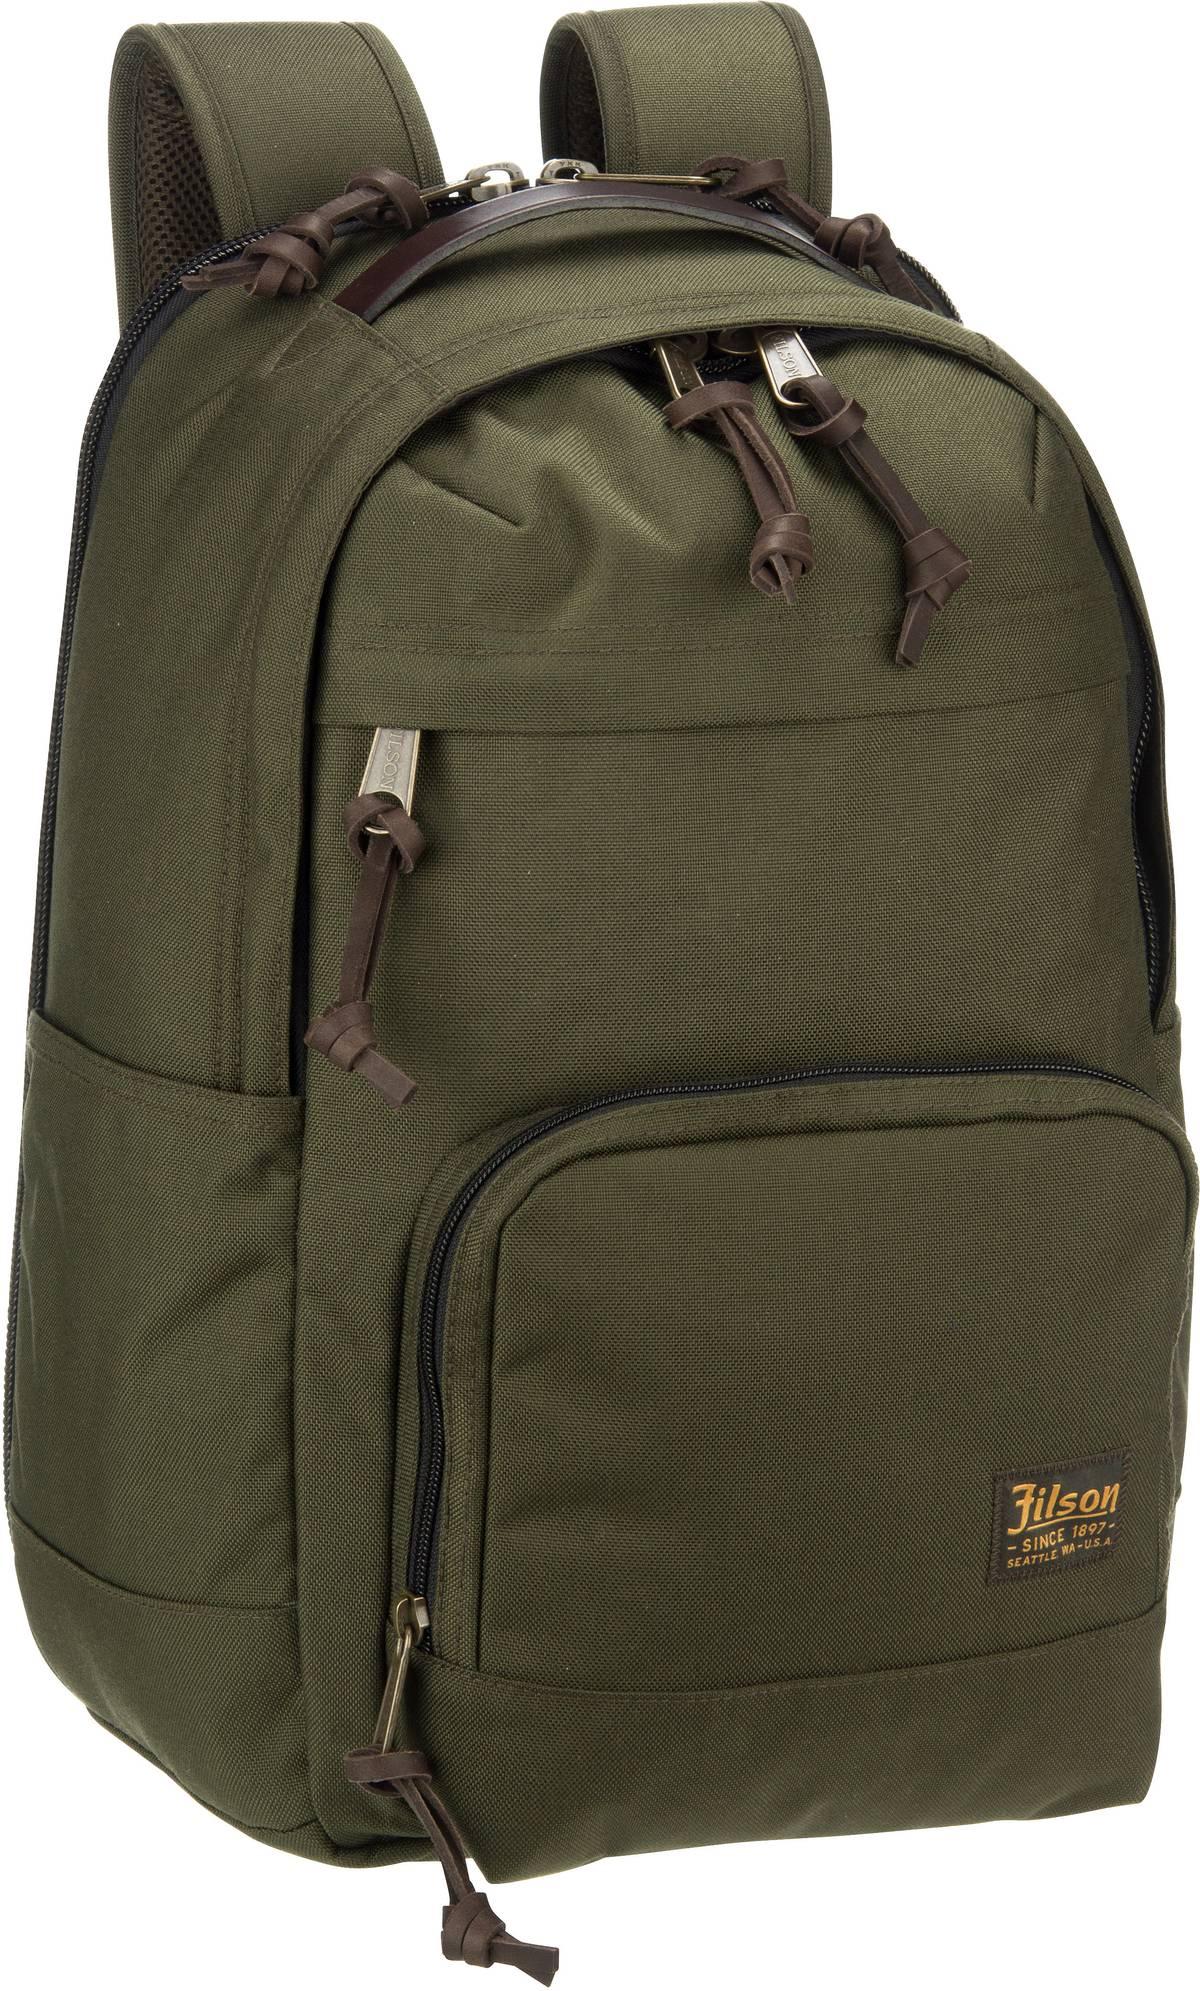 Filson Laptoprucksack Dryden Backpack Ottergreen (25.5 Liter)